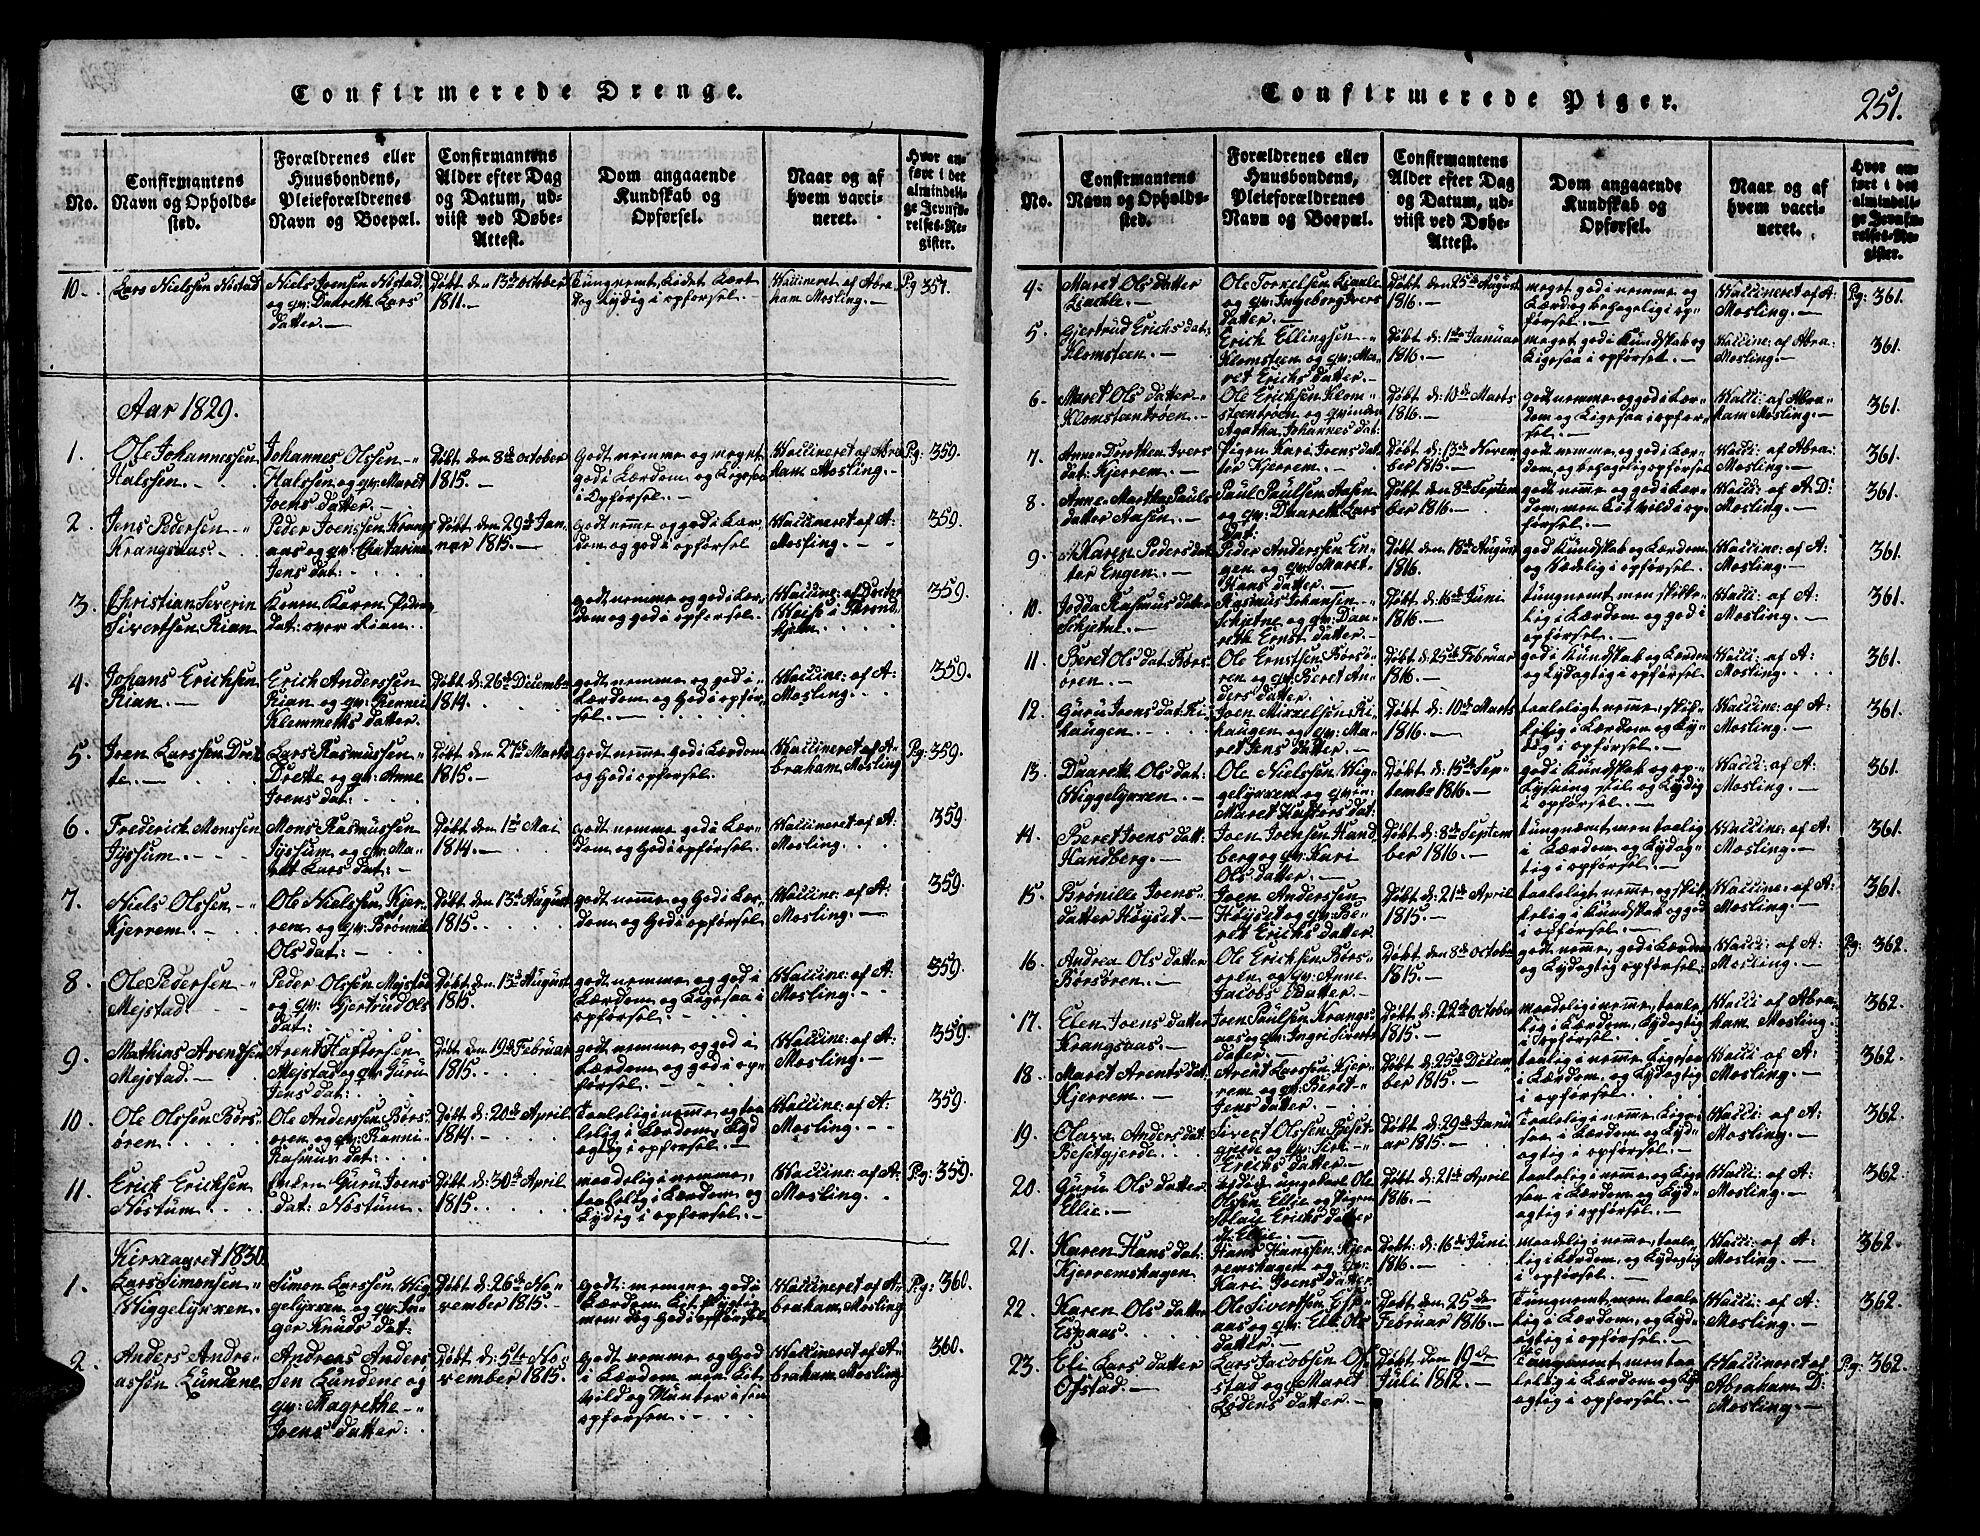 SAT, Ministerialprotokoller, klokkerbøker og fødselsregistre - Sør-Trøndelag, 665/L0776: Klokkerbok nr. 665C01, 1817-1837, s. 251